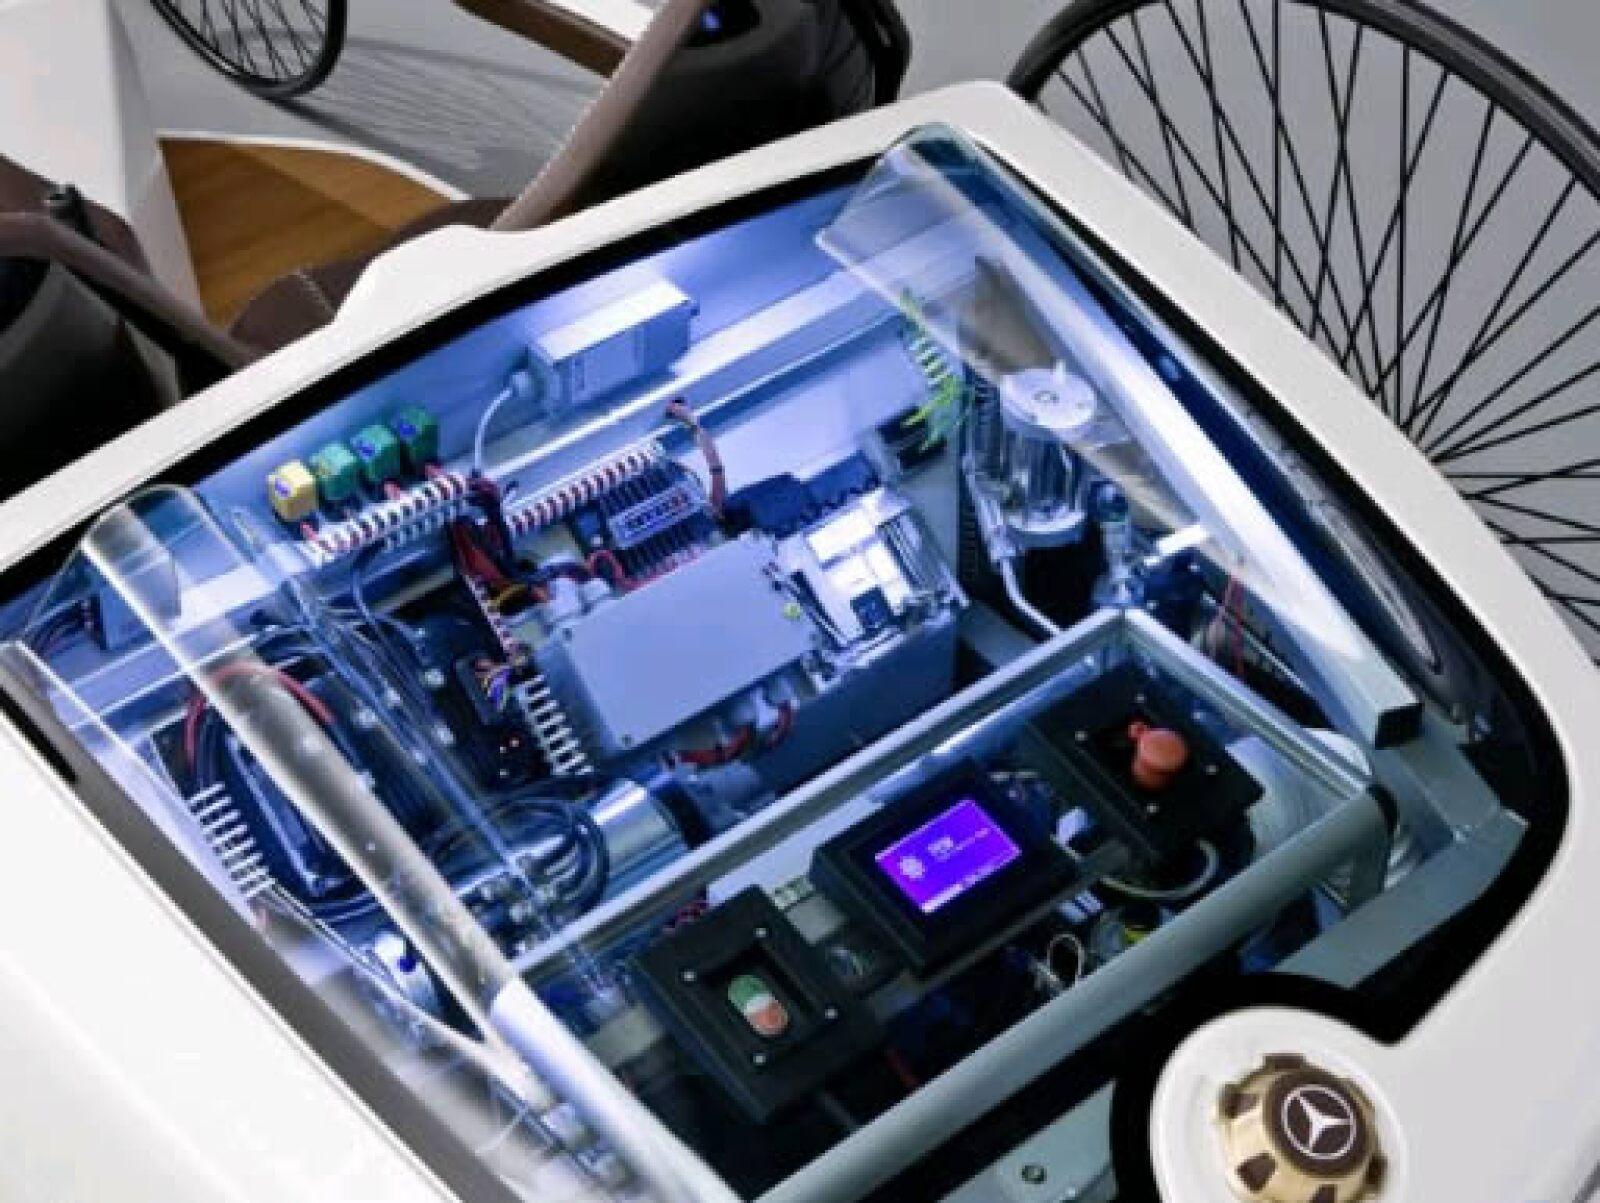 La energía la saca de una pila de combustible libre de emisiones que entrega una autonomía de 355 kilómetros (220 millas).